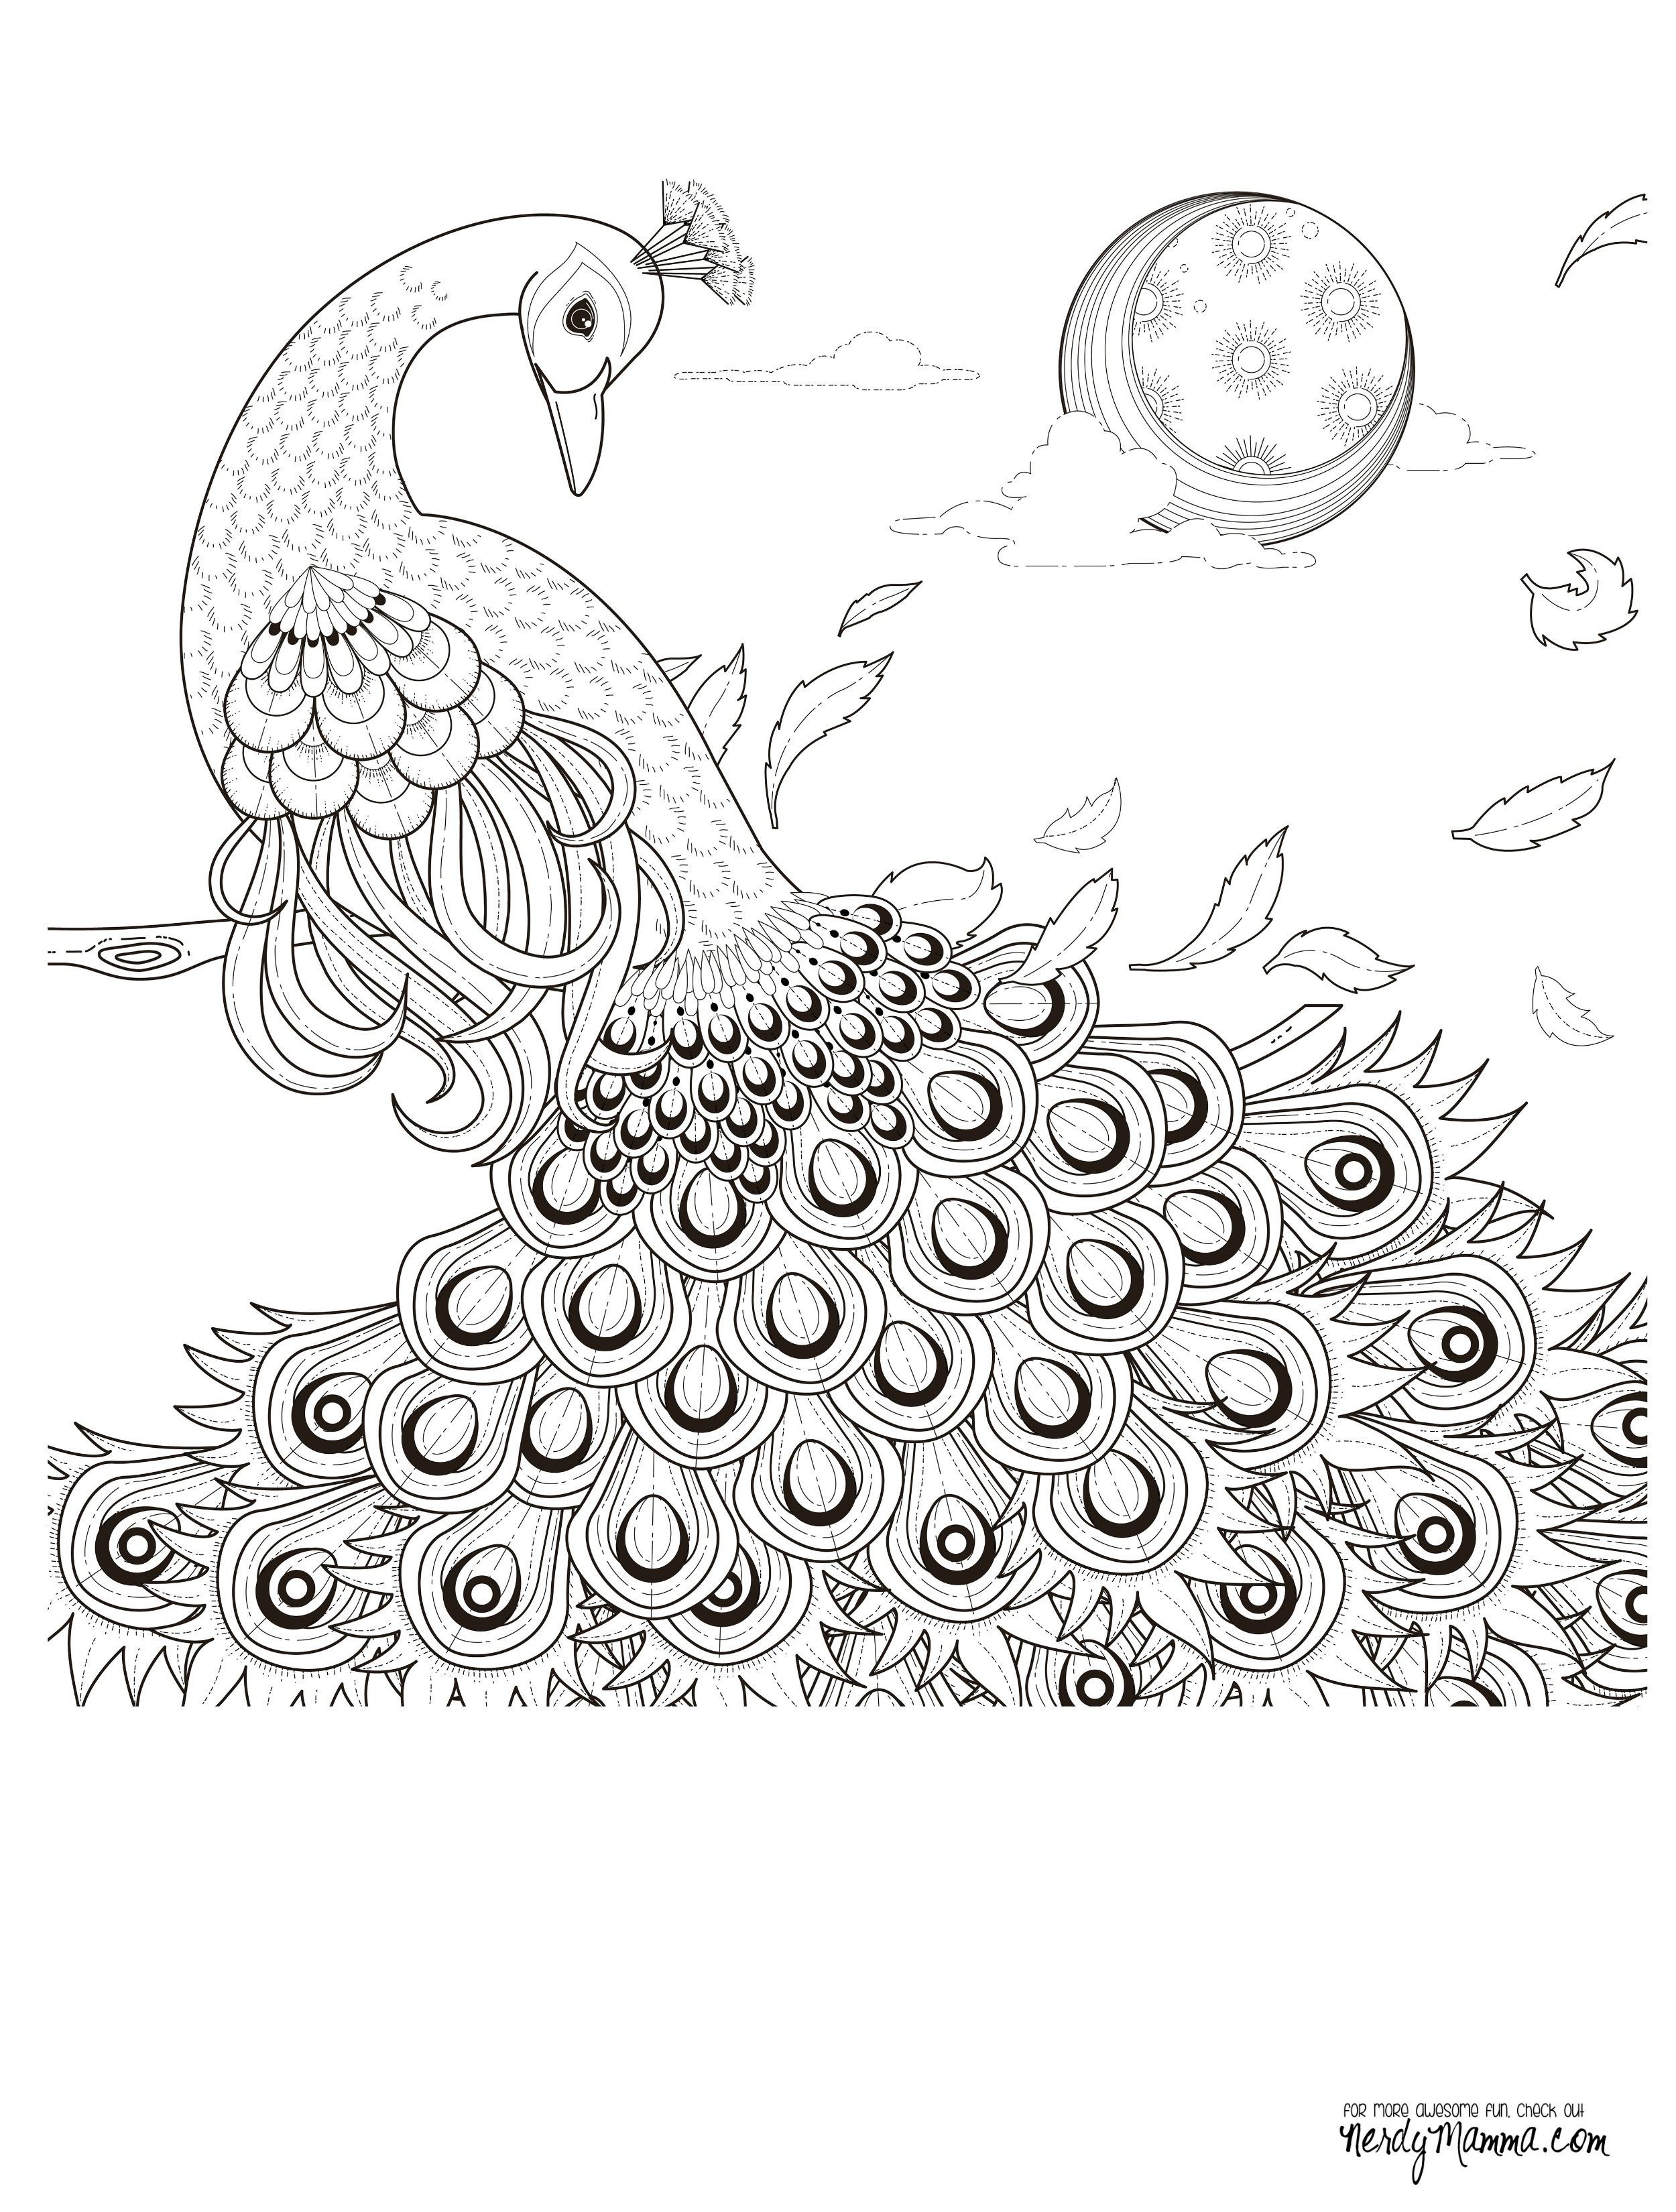 Malvorlage Blumen ornamente Genial Malvorlagen Für Erwachsene Kostenlose Druckvorlagen Neu Malvorlagen Galerie